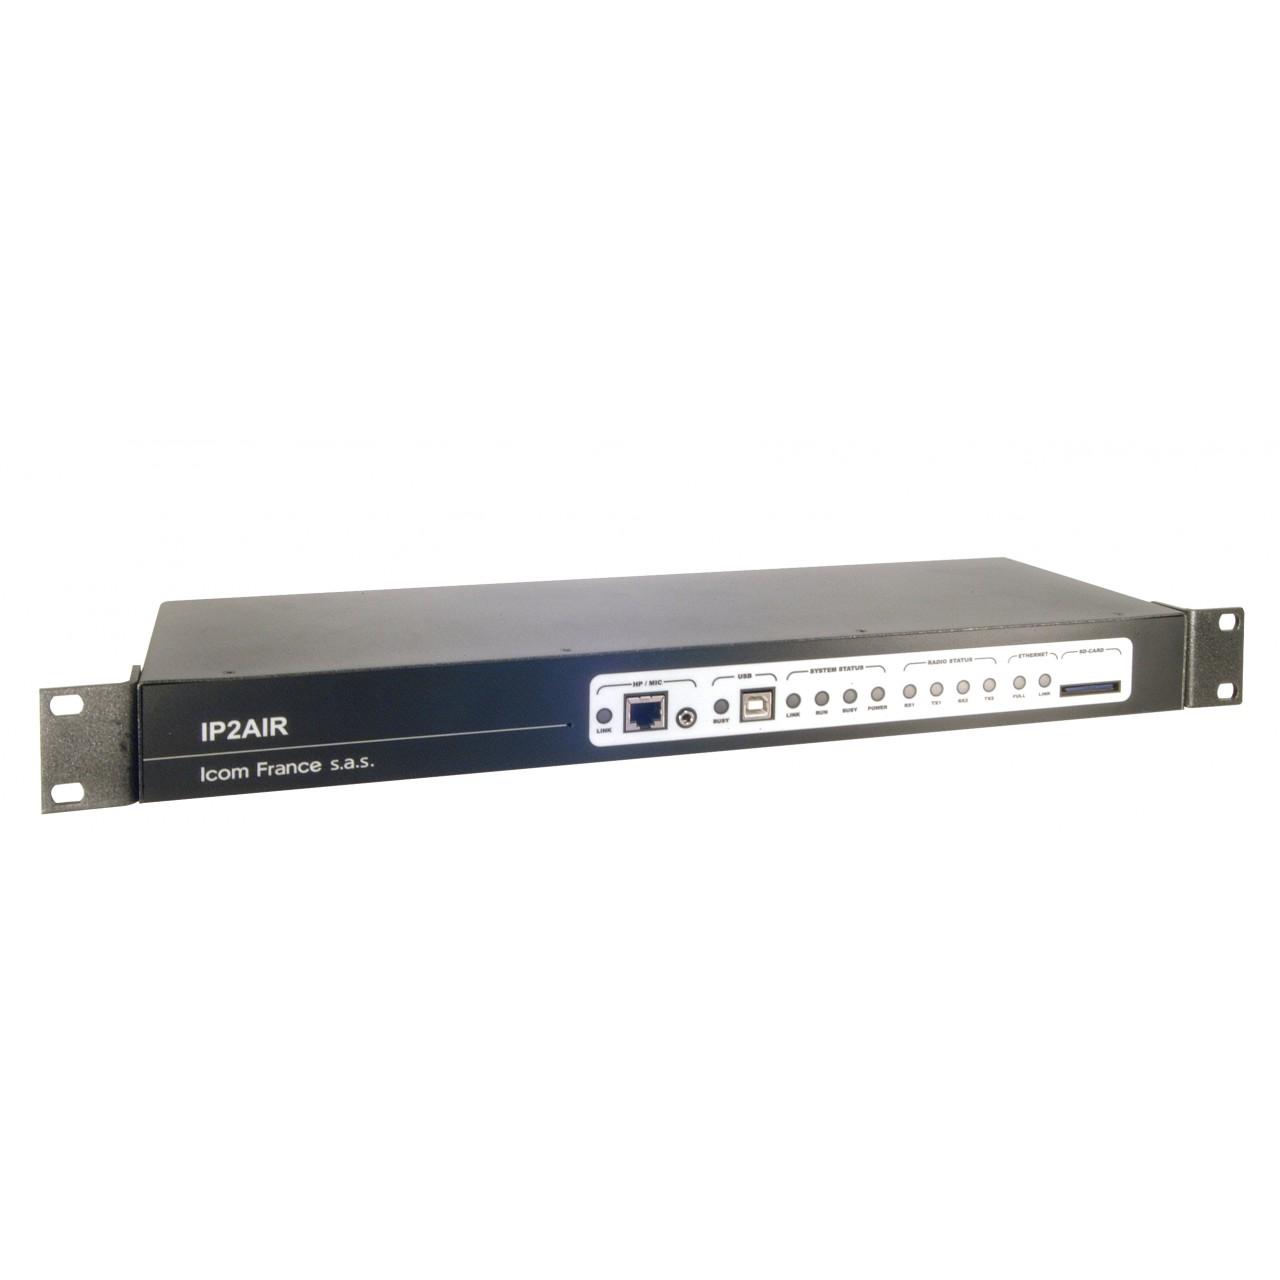 IP2AIR Autres - ICOM